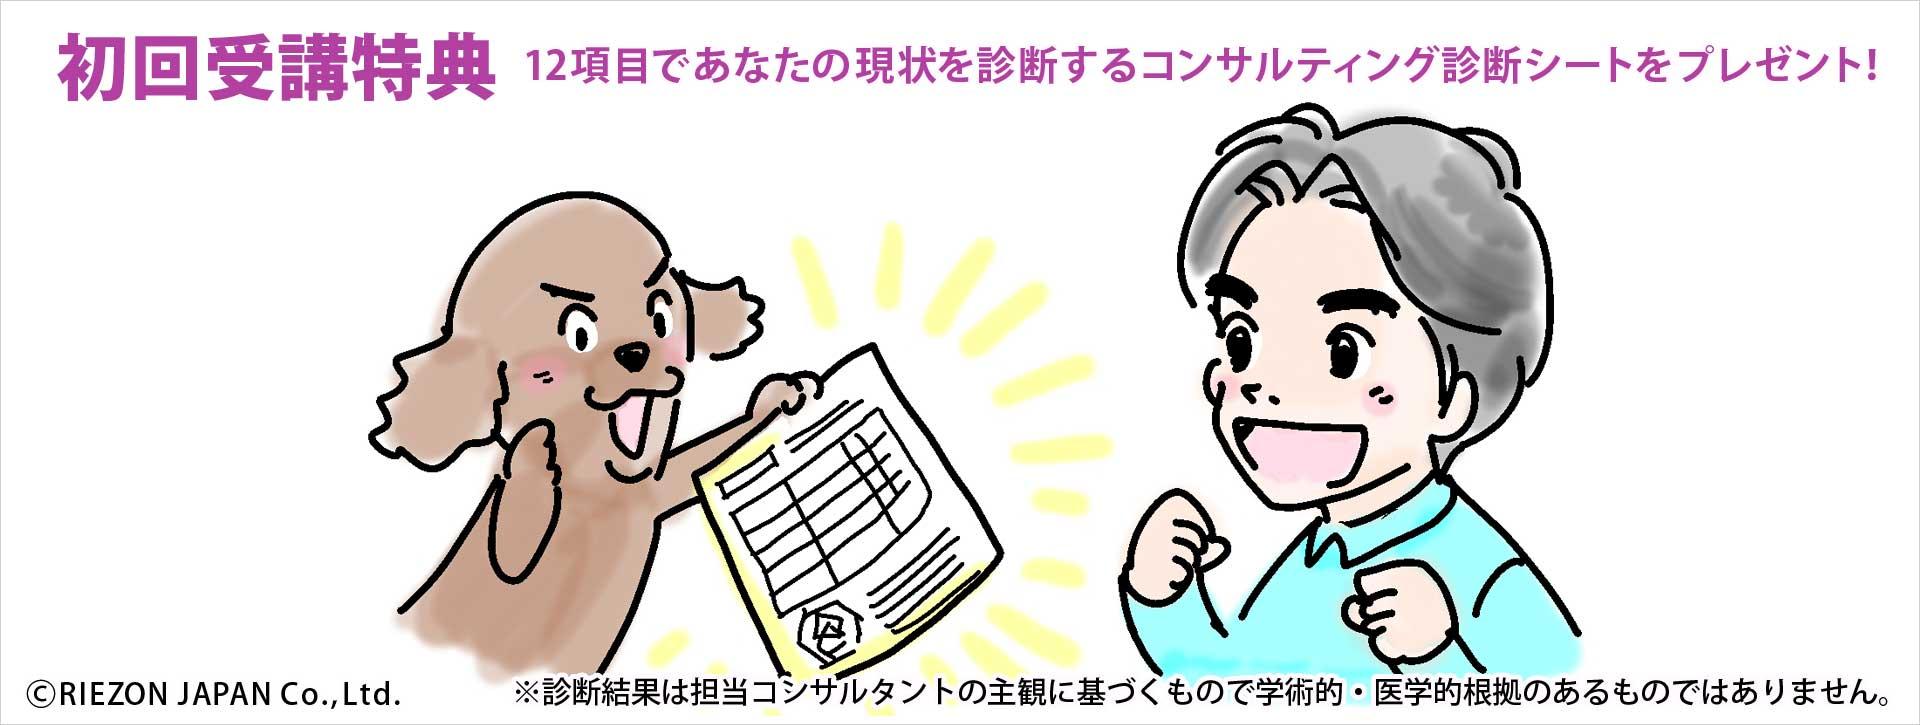 小川健次個別コンサルティング&コーチング